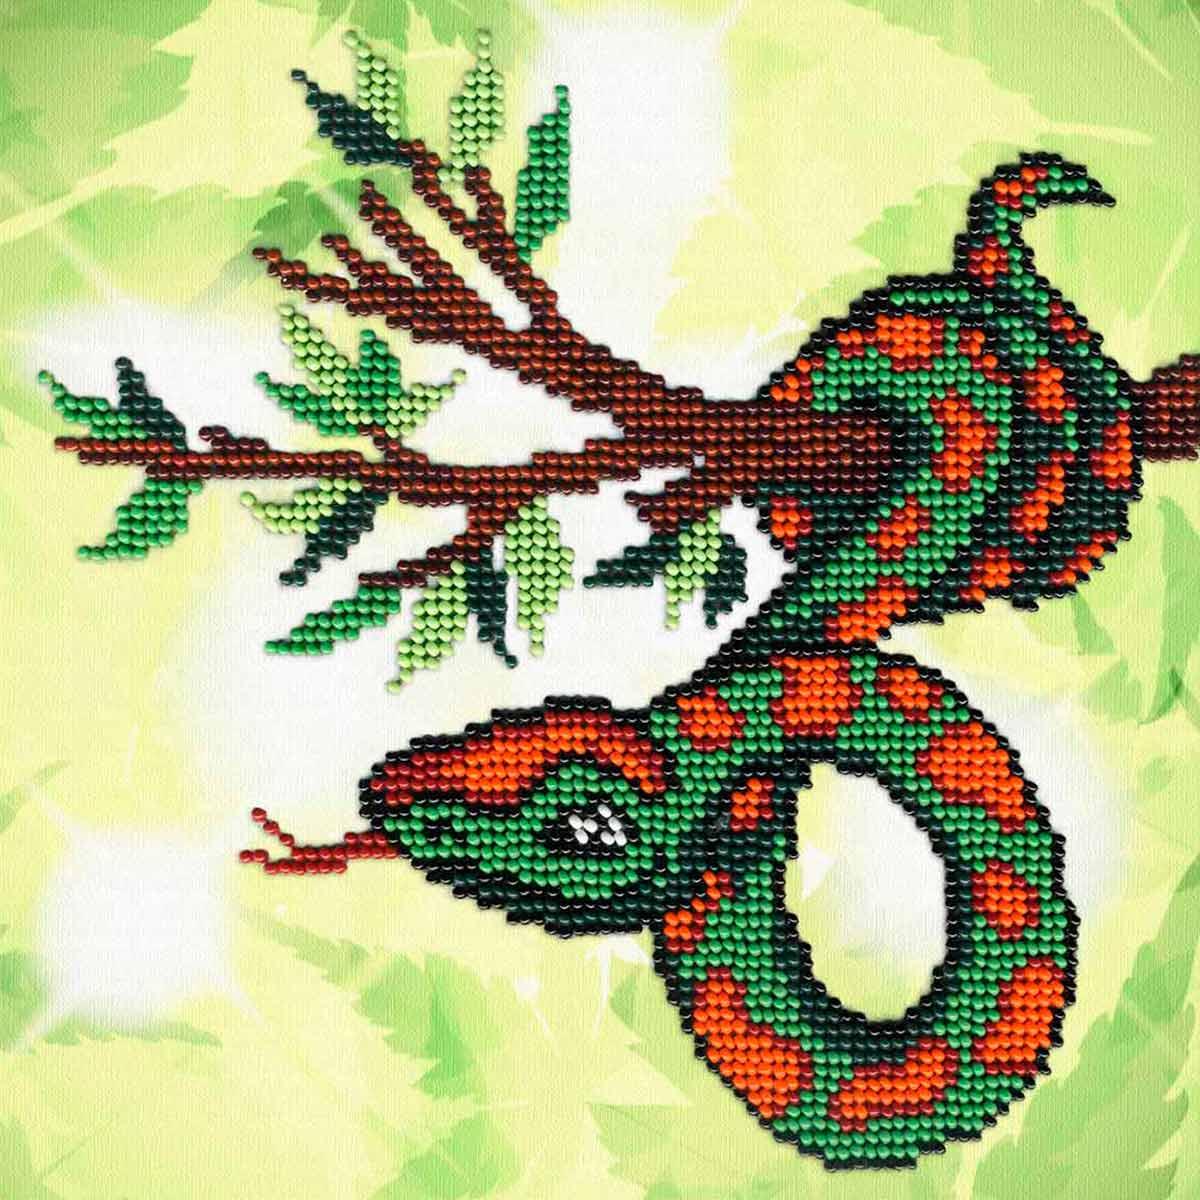 БГ-170 Набор для вышивания МП Студия 'Змейка на ветке' 18*18 см